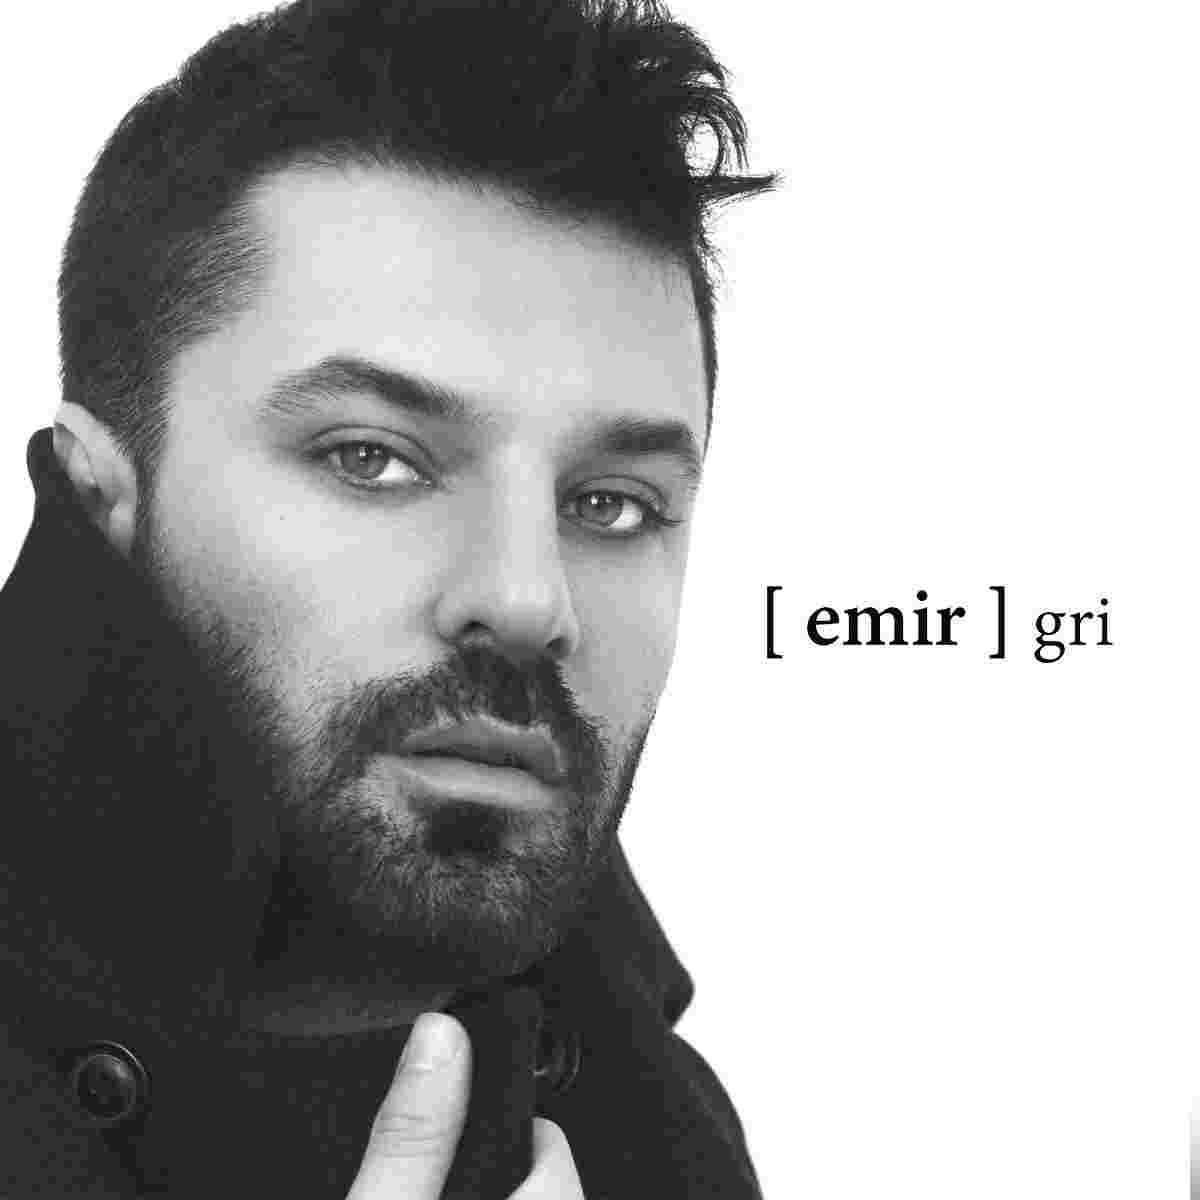 Gri (2018) albüm kapak resmi